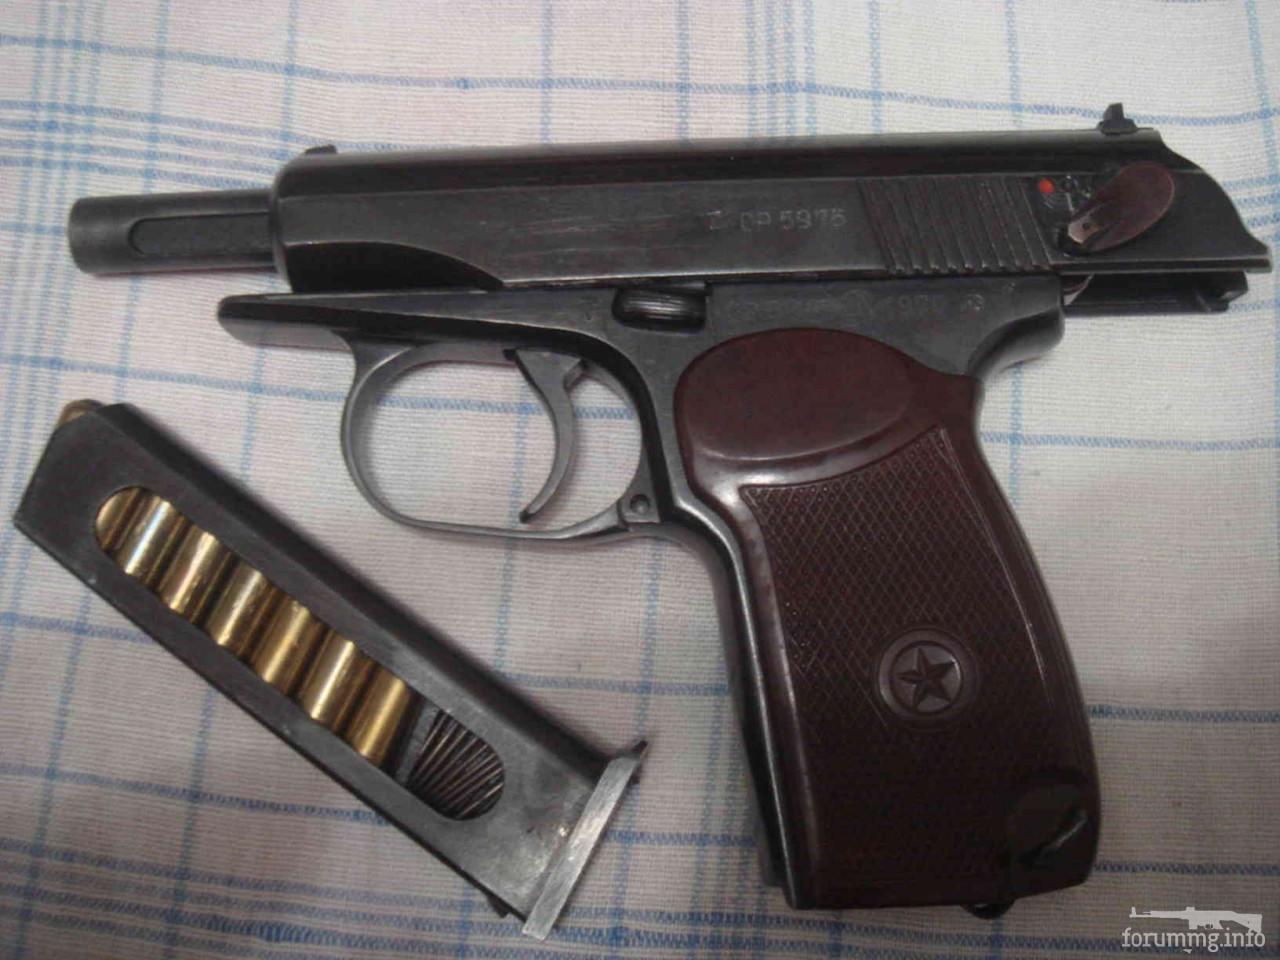 131912 - Продам пистолет Макарова пм травматический 9мм